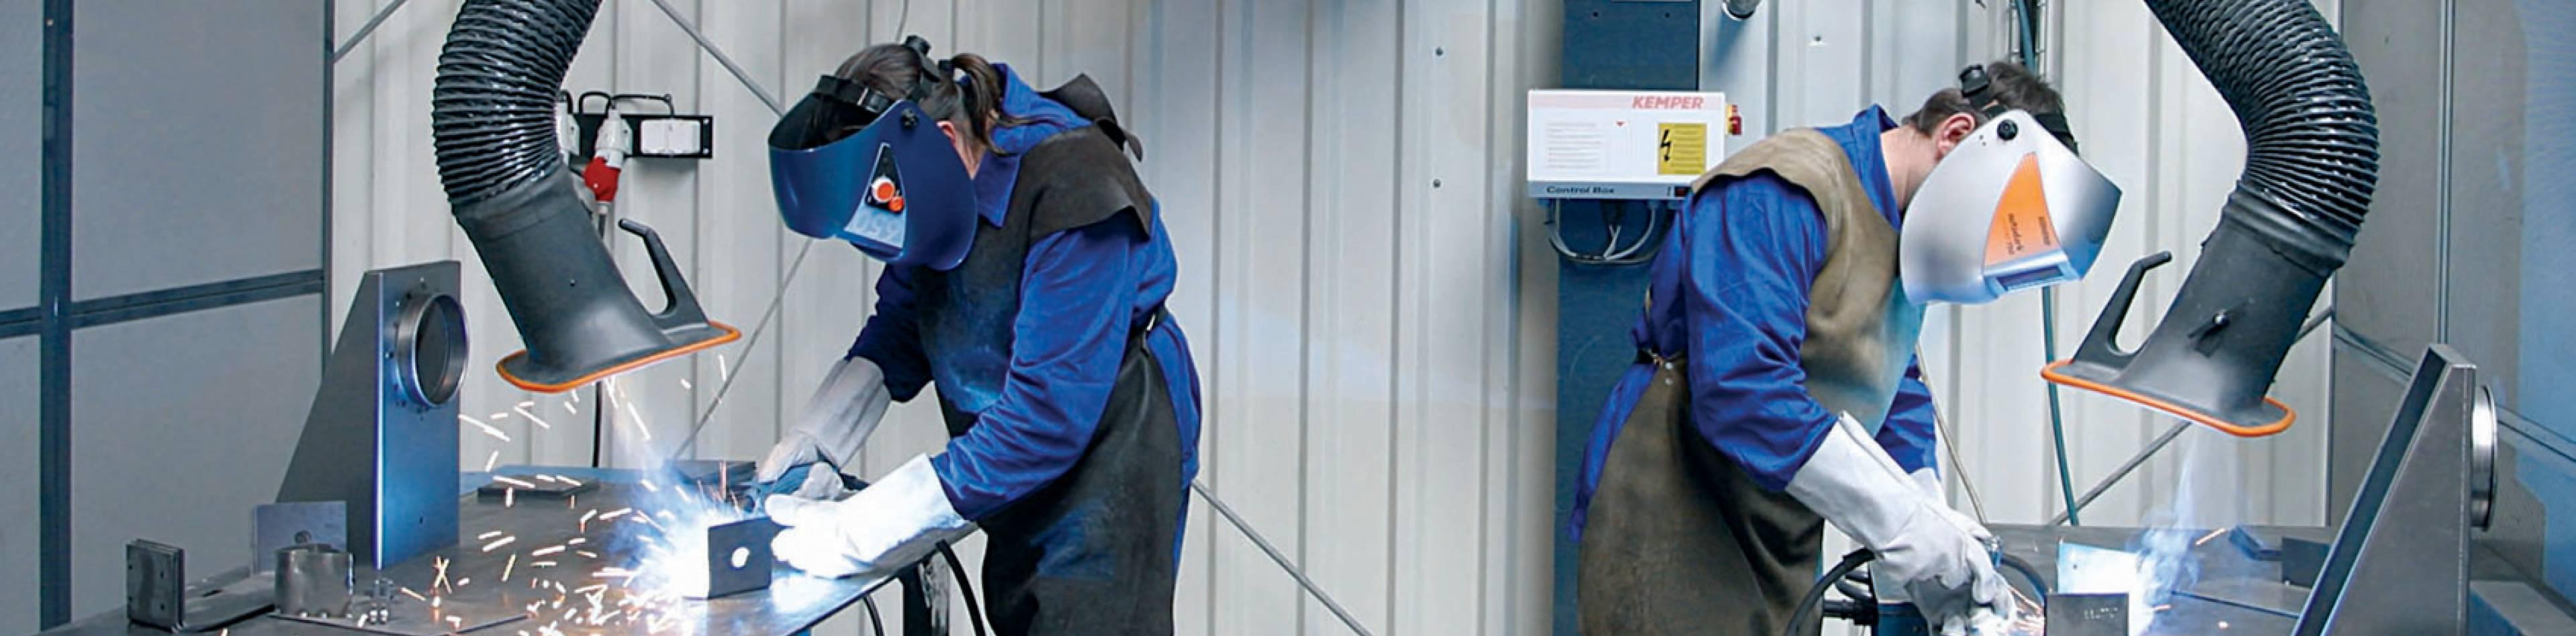 Kemper ventilacija za zavarivanje